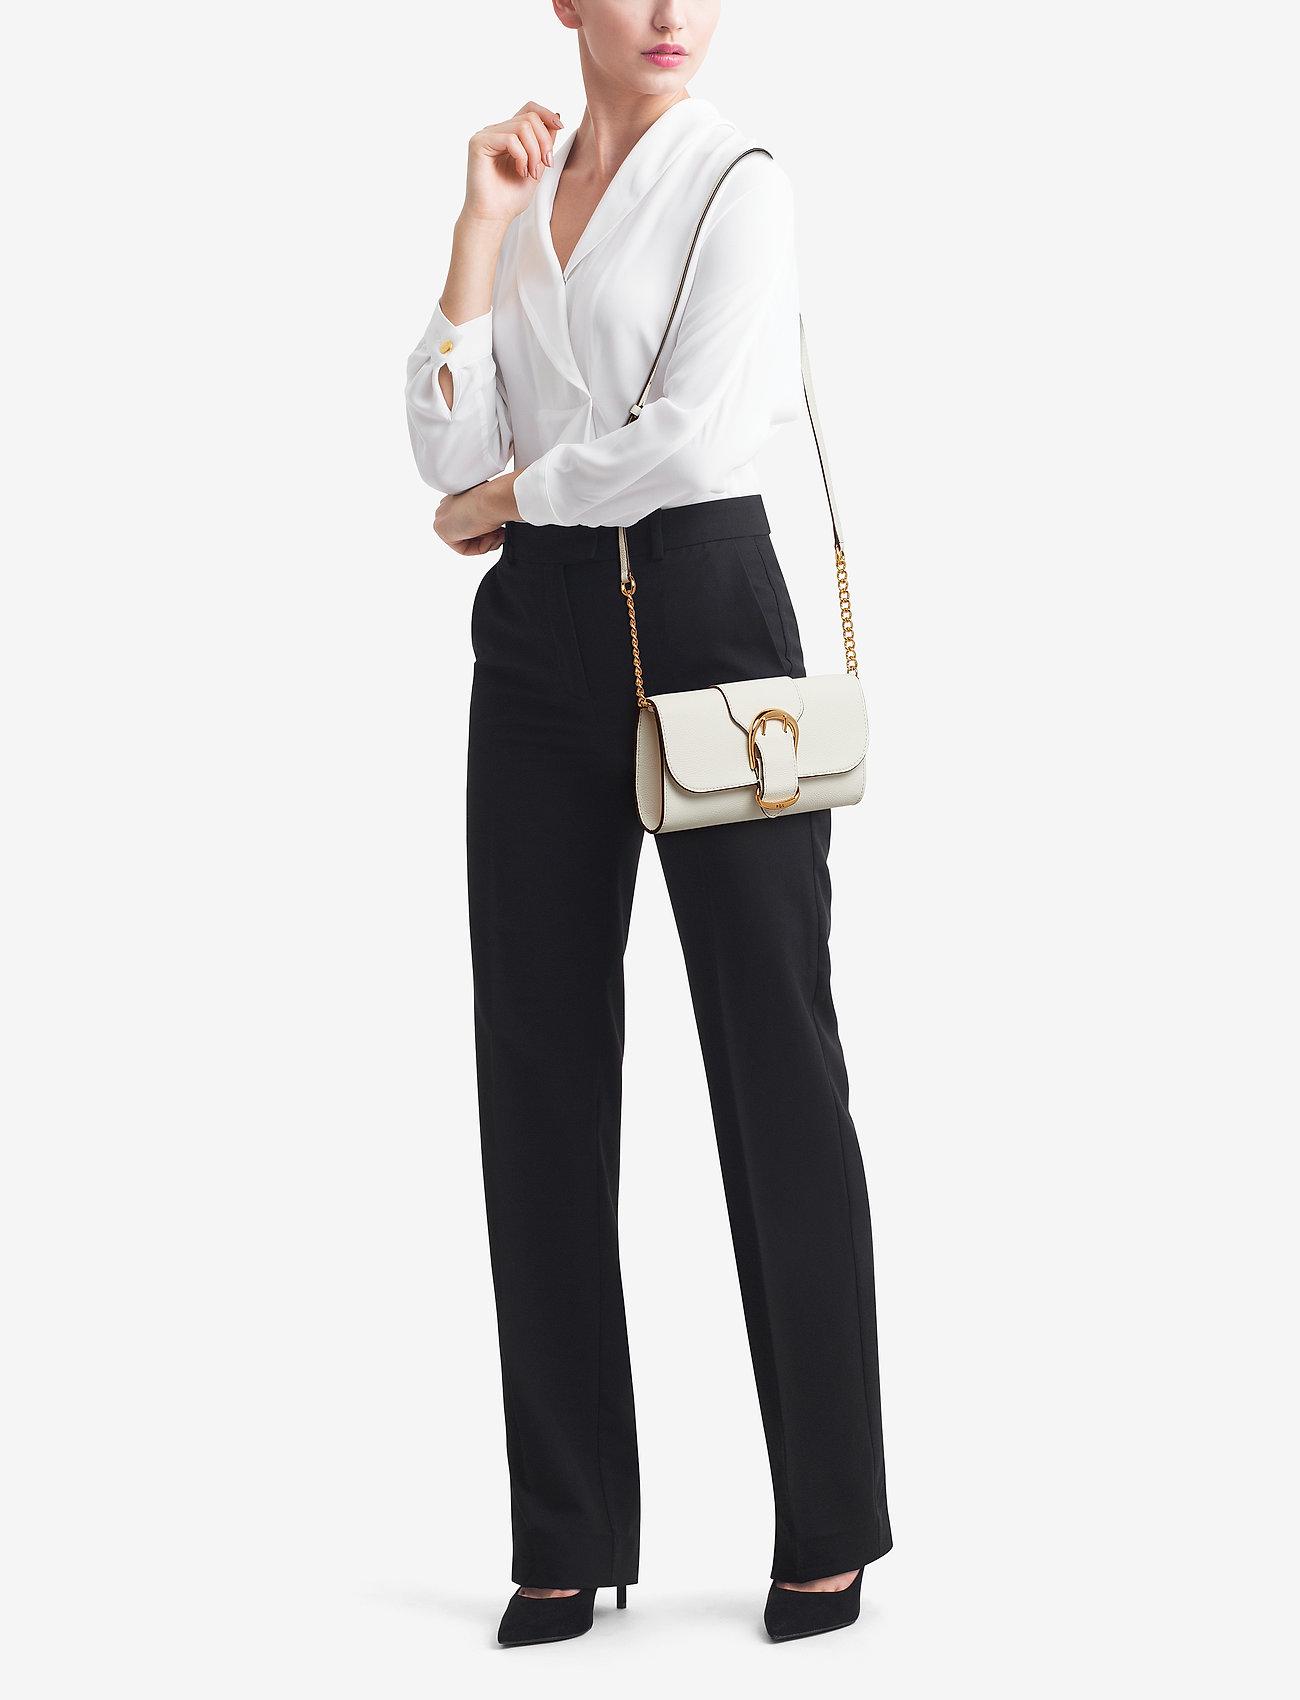 Lauren Ralph Lauren Pebbled Leather Crossbody Bag - VANILLA